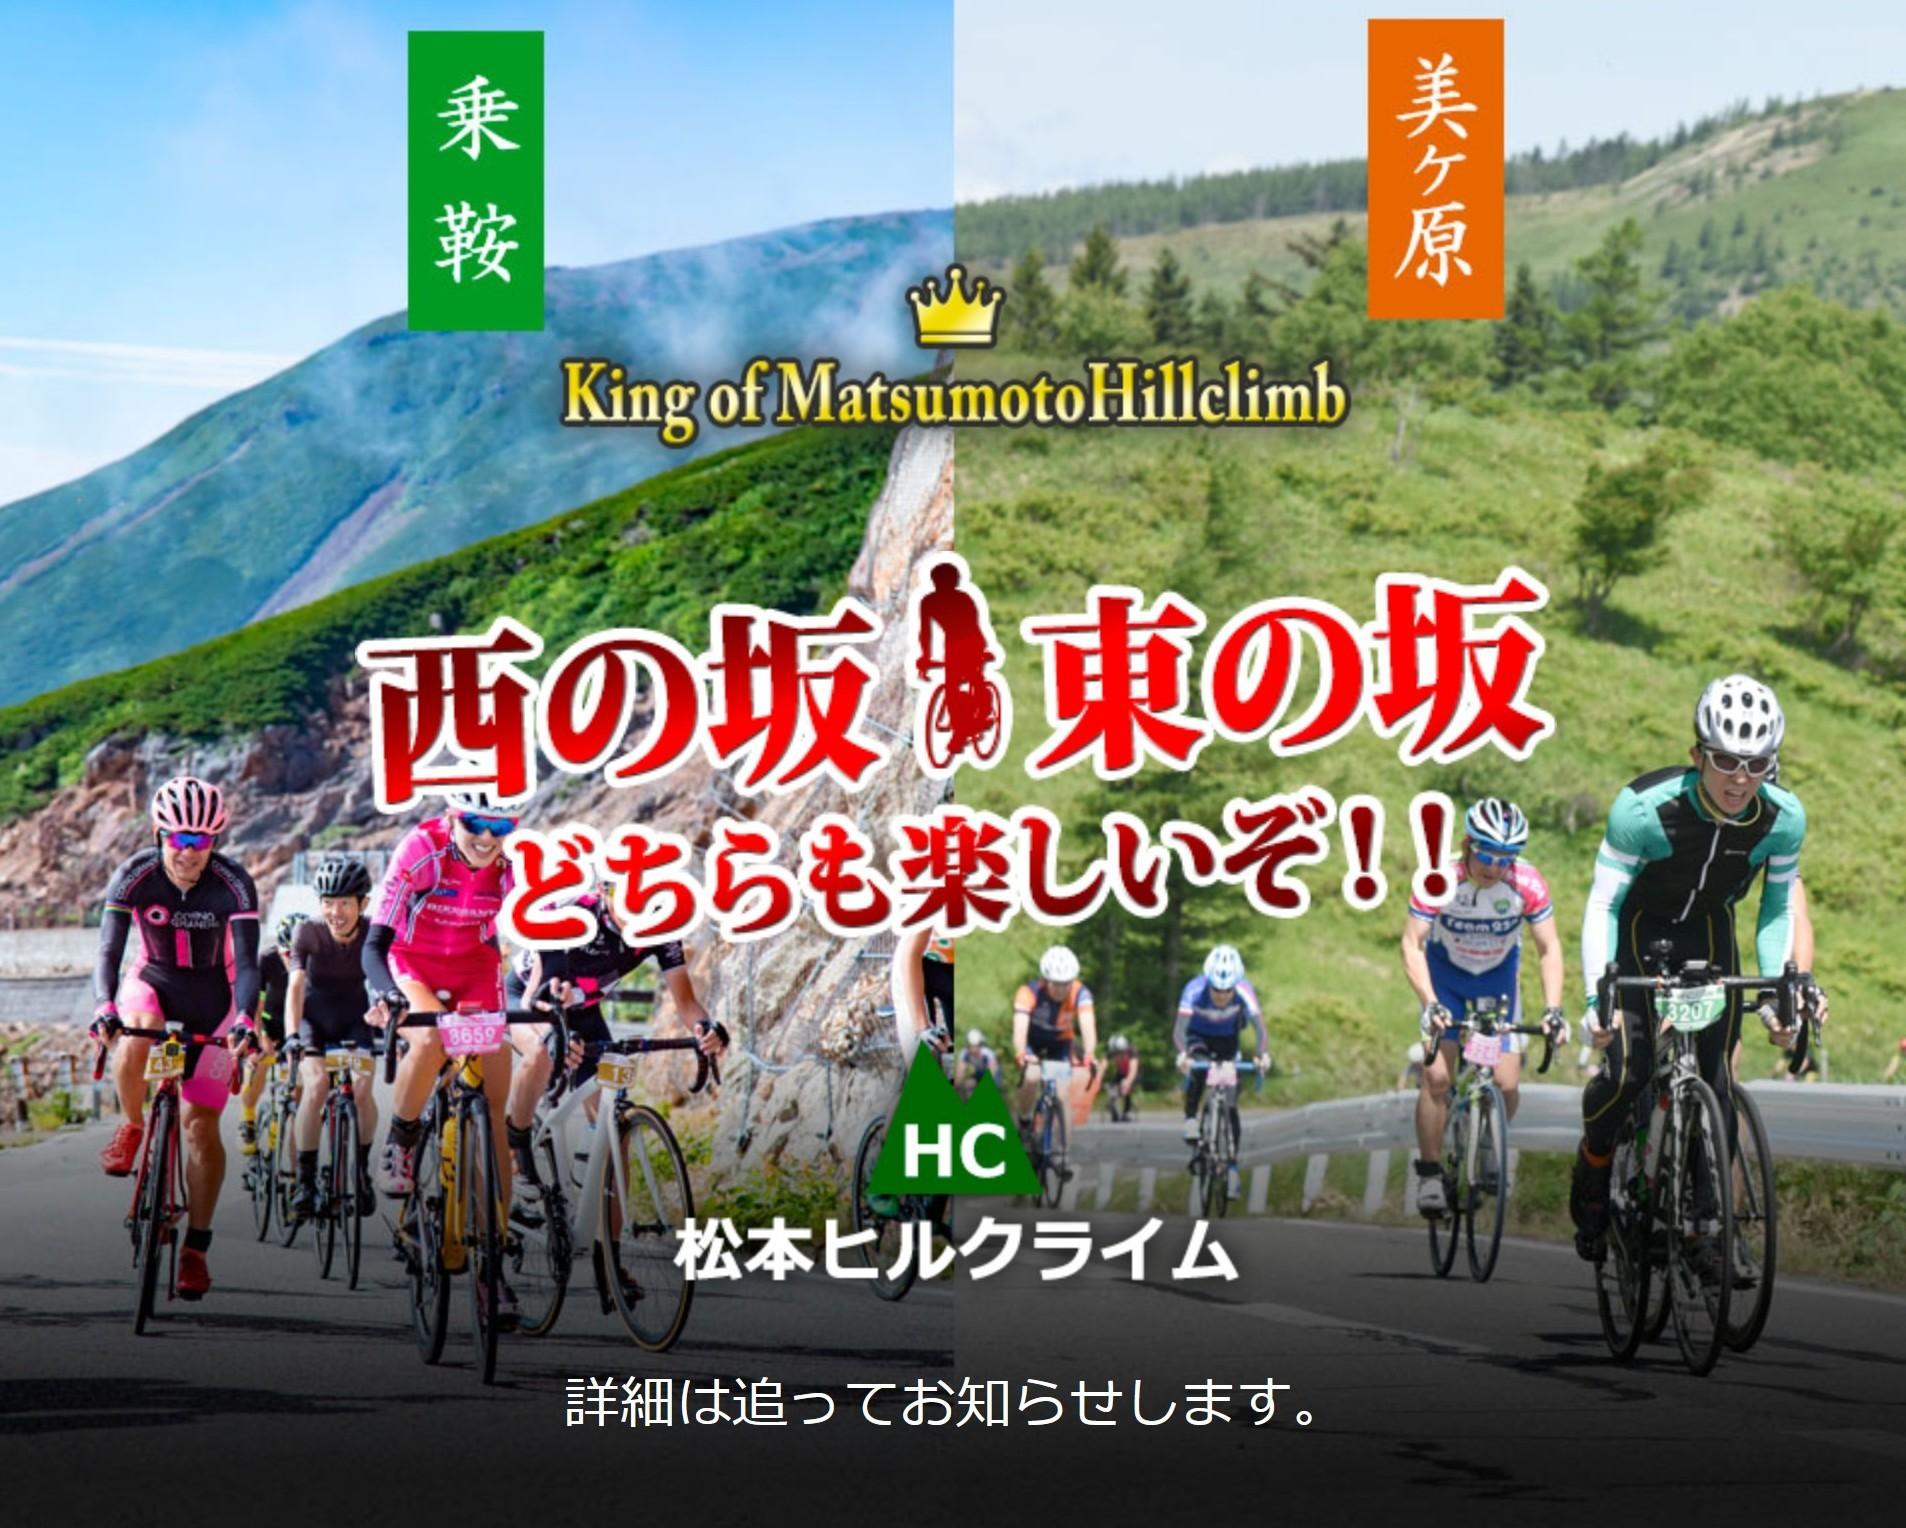 圖片來源 : 松本ヒルクライム官網 (http://matsumoto-hc.com/)